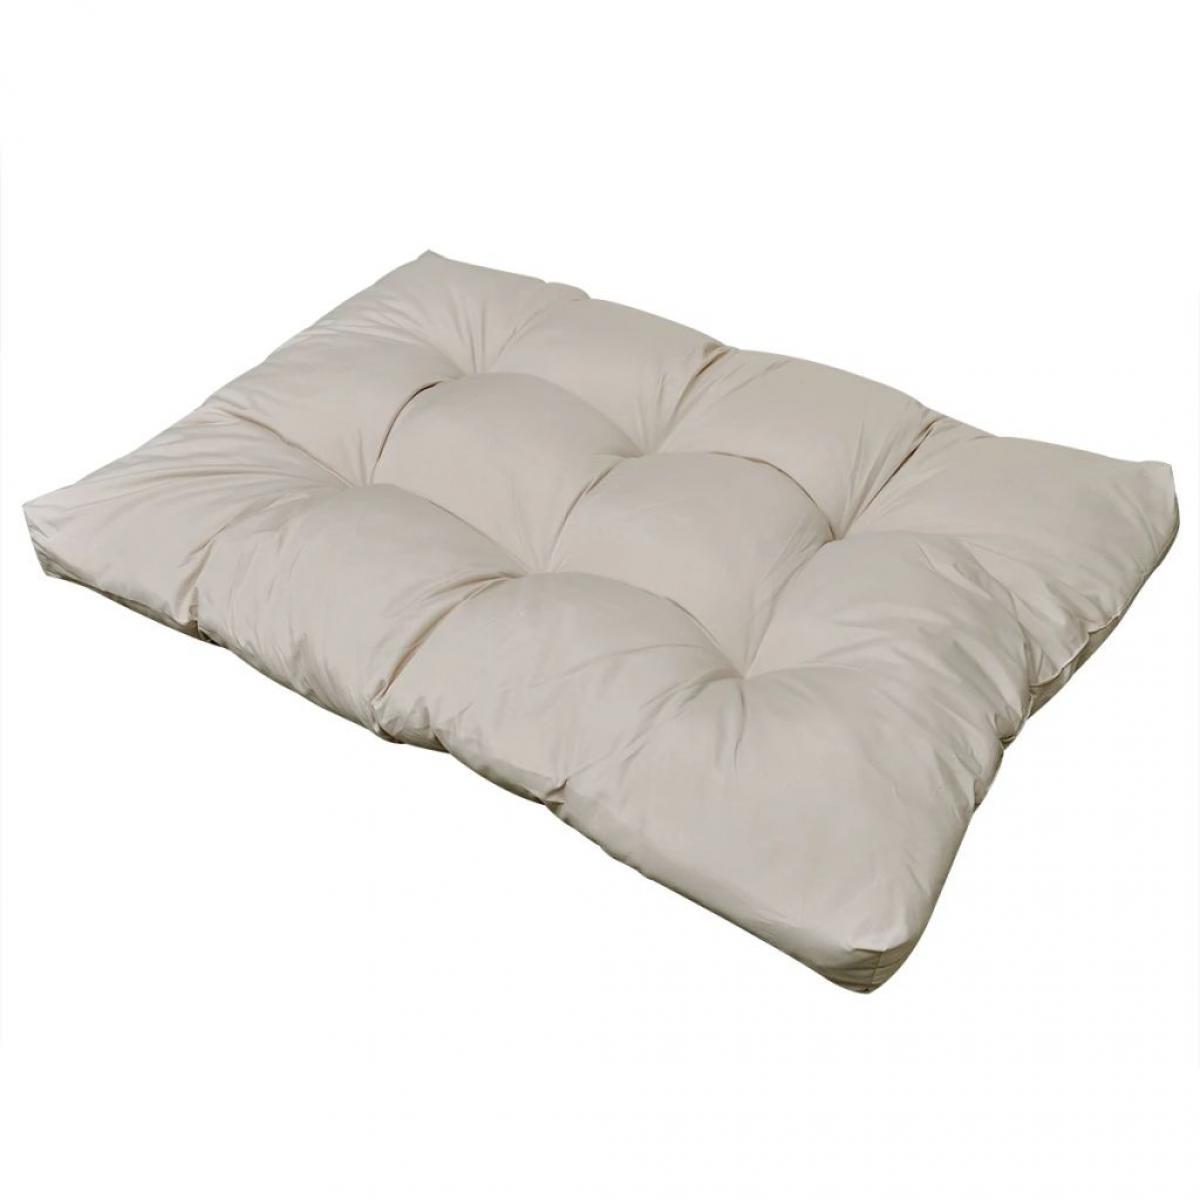 Decoshop26 Coussin de chaise pour intérieur ou extérieur rembourré blanc sable 120x80x10 cm DEC021364